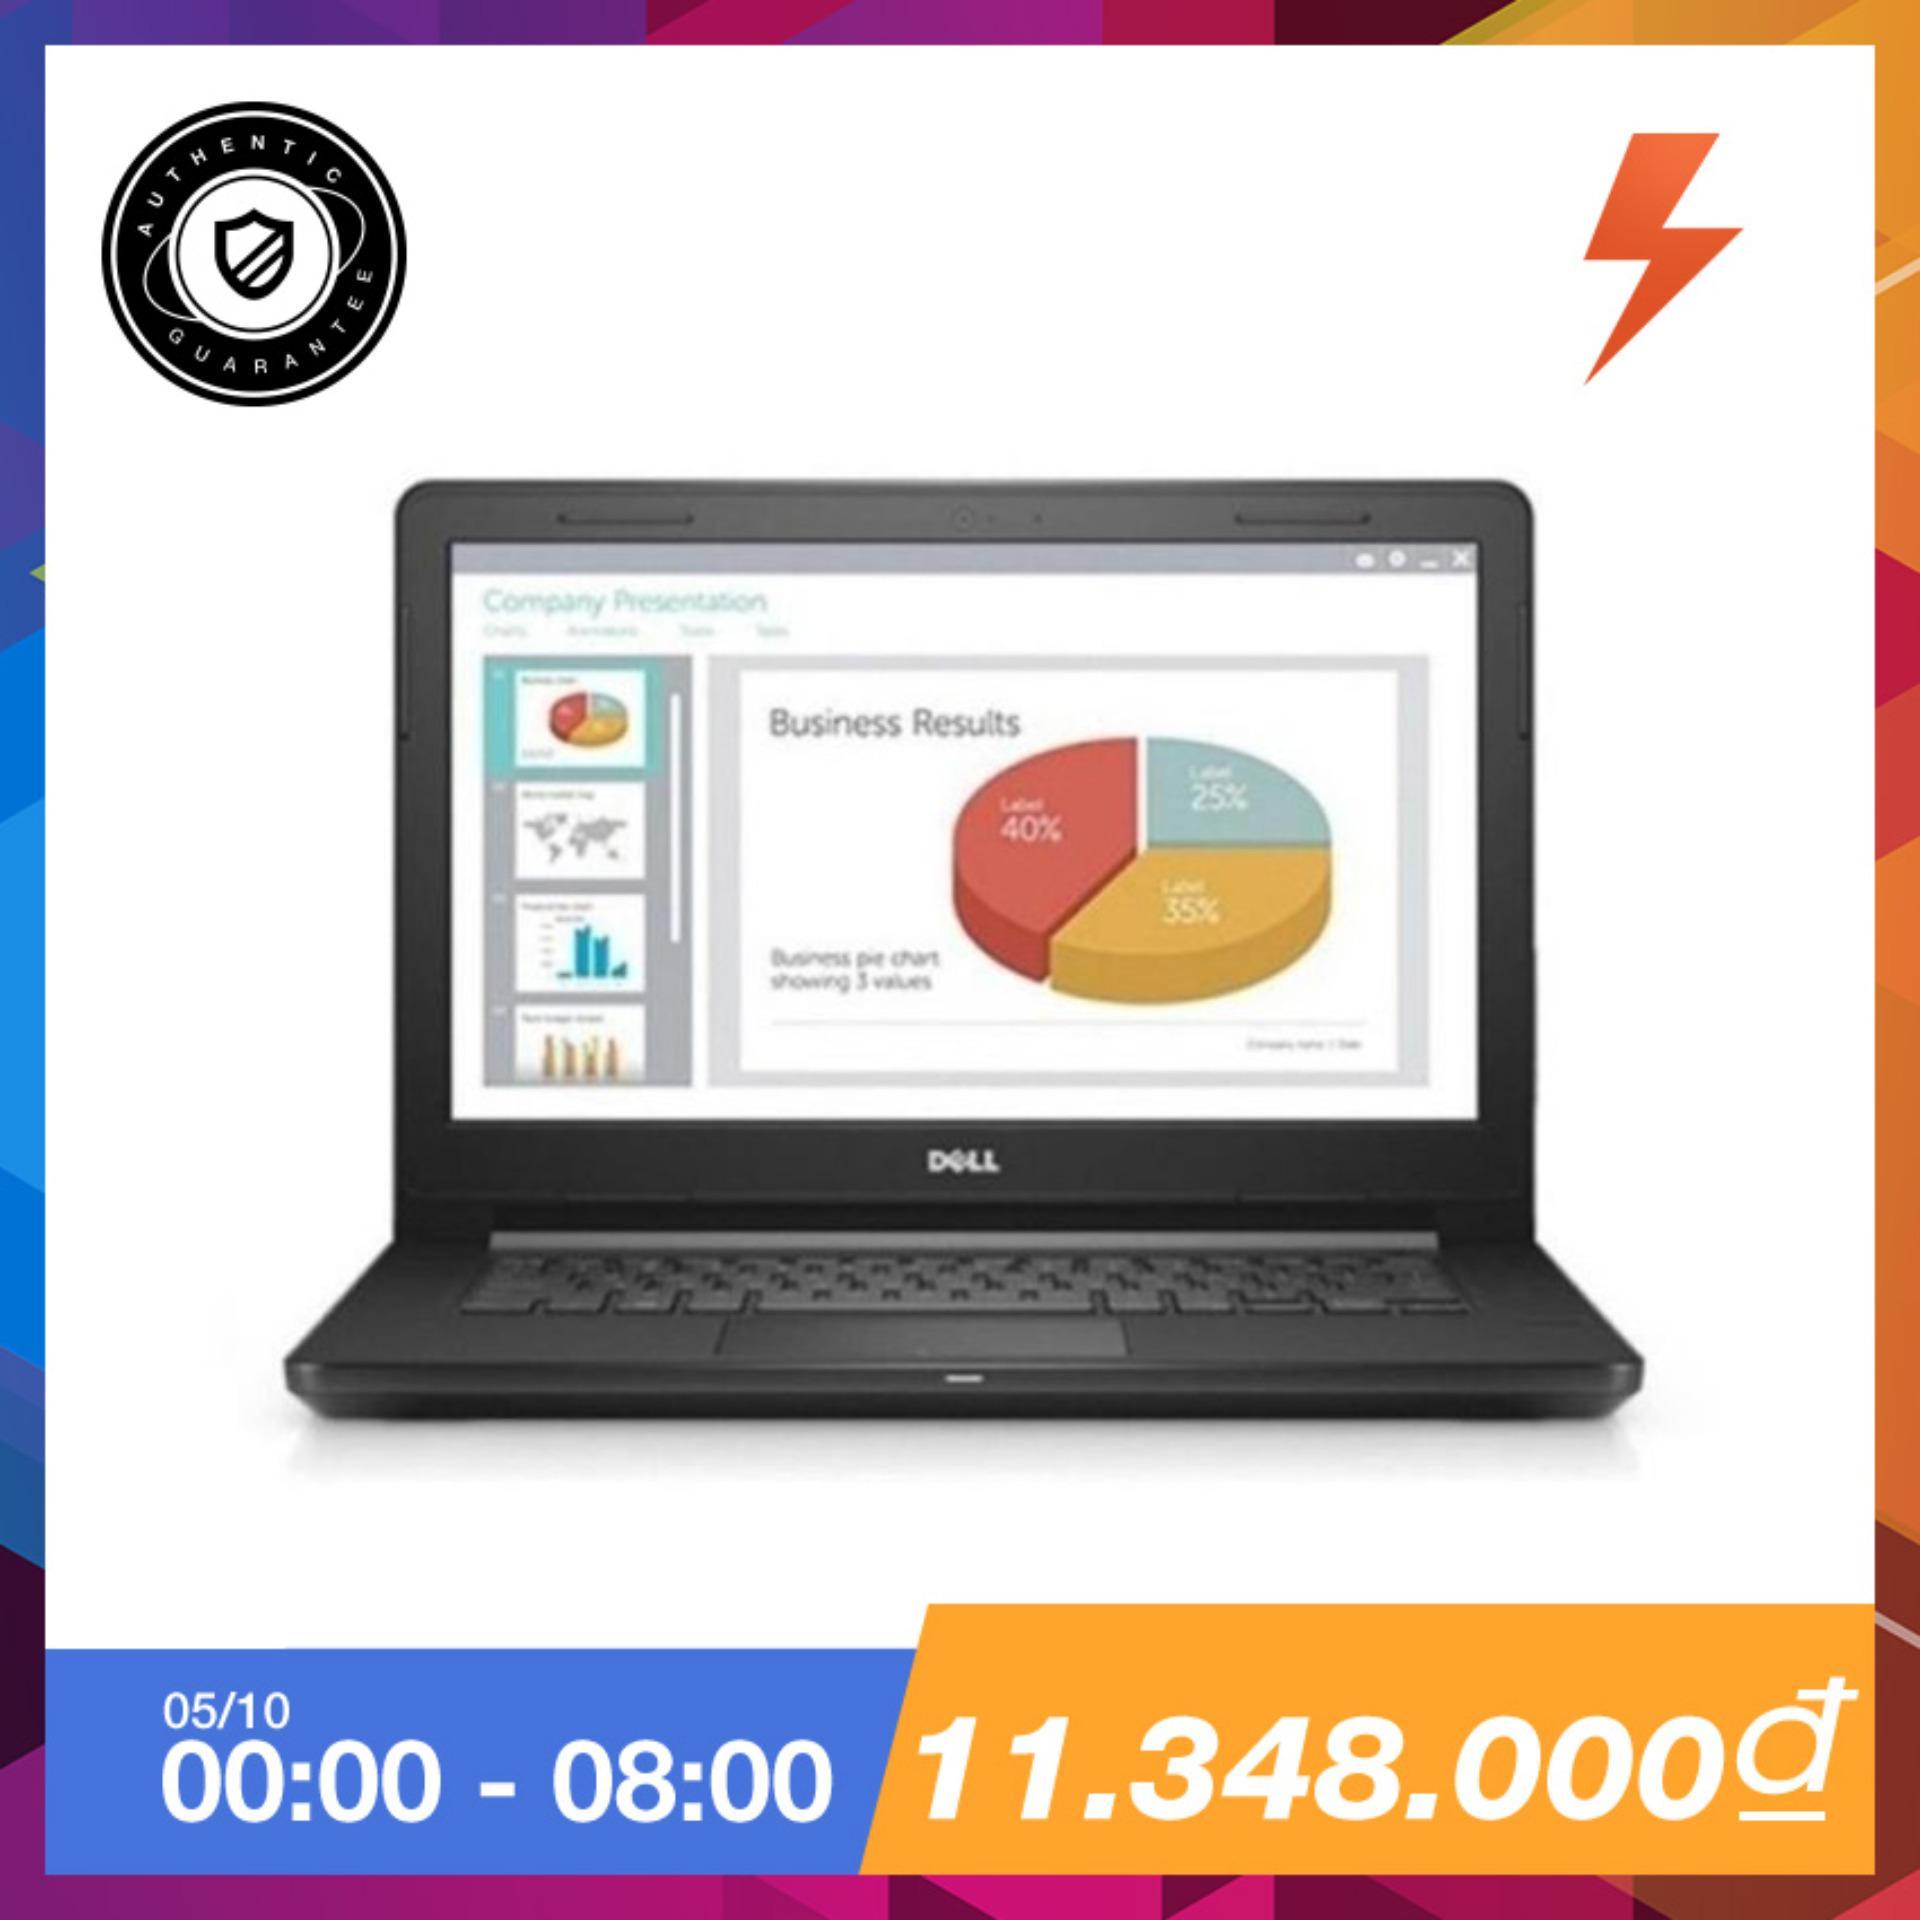 Chiết Khấu Laptop Dell V3468 K5P6W12 Core I5 7200U Ram 4G 500Gb 14 Inch Đen Hang Phan Phối Chinh Thức Dell